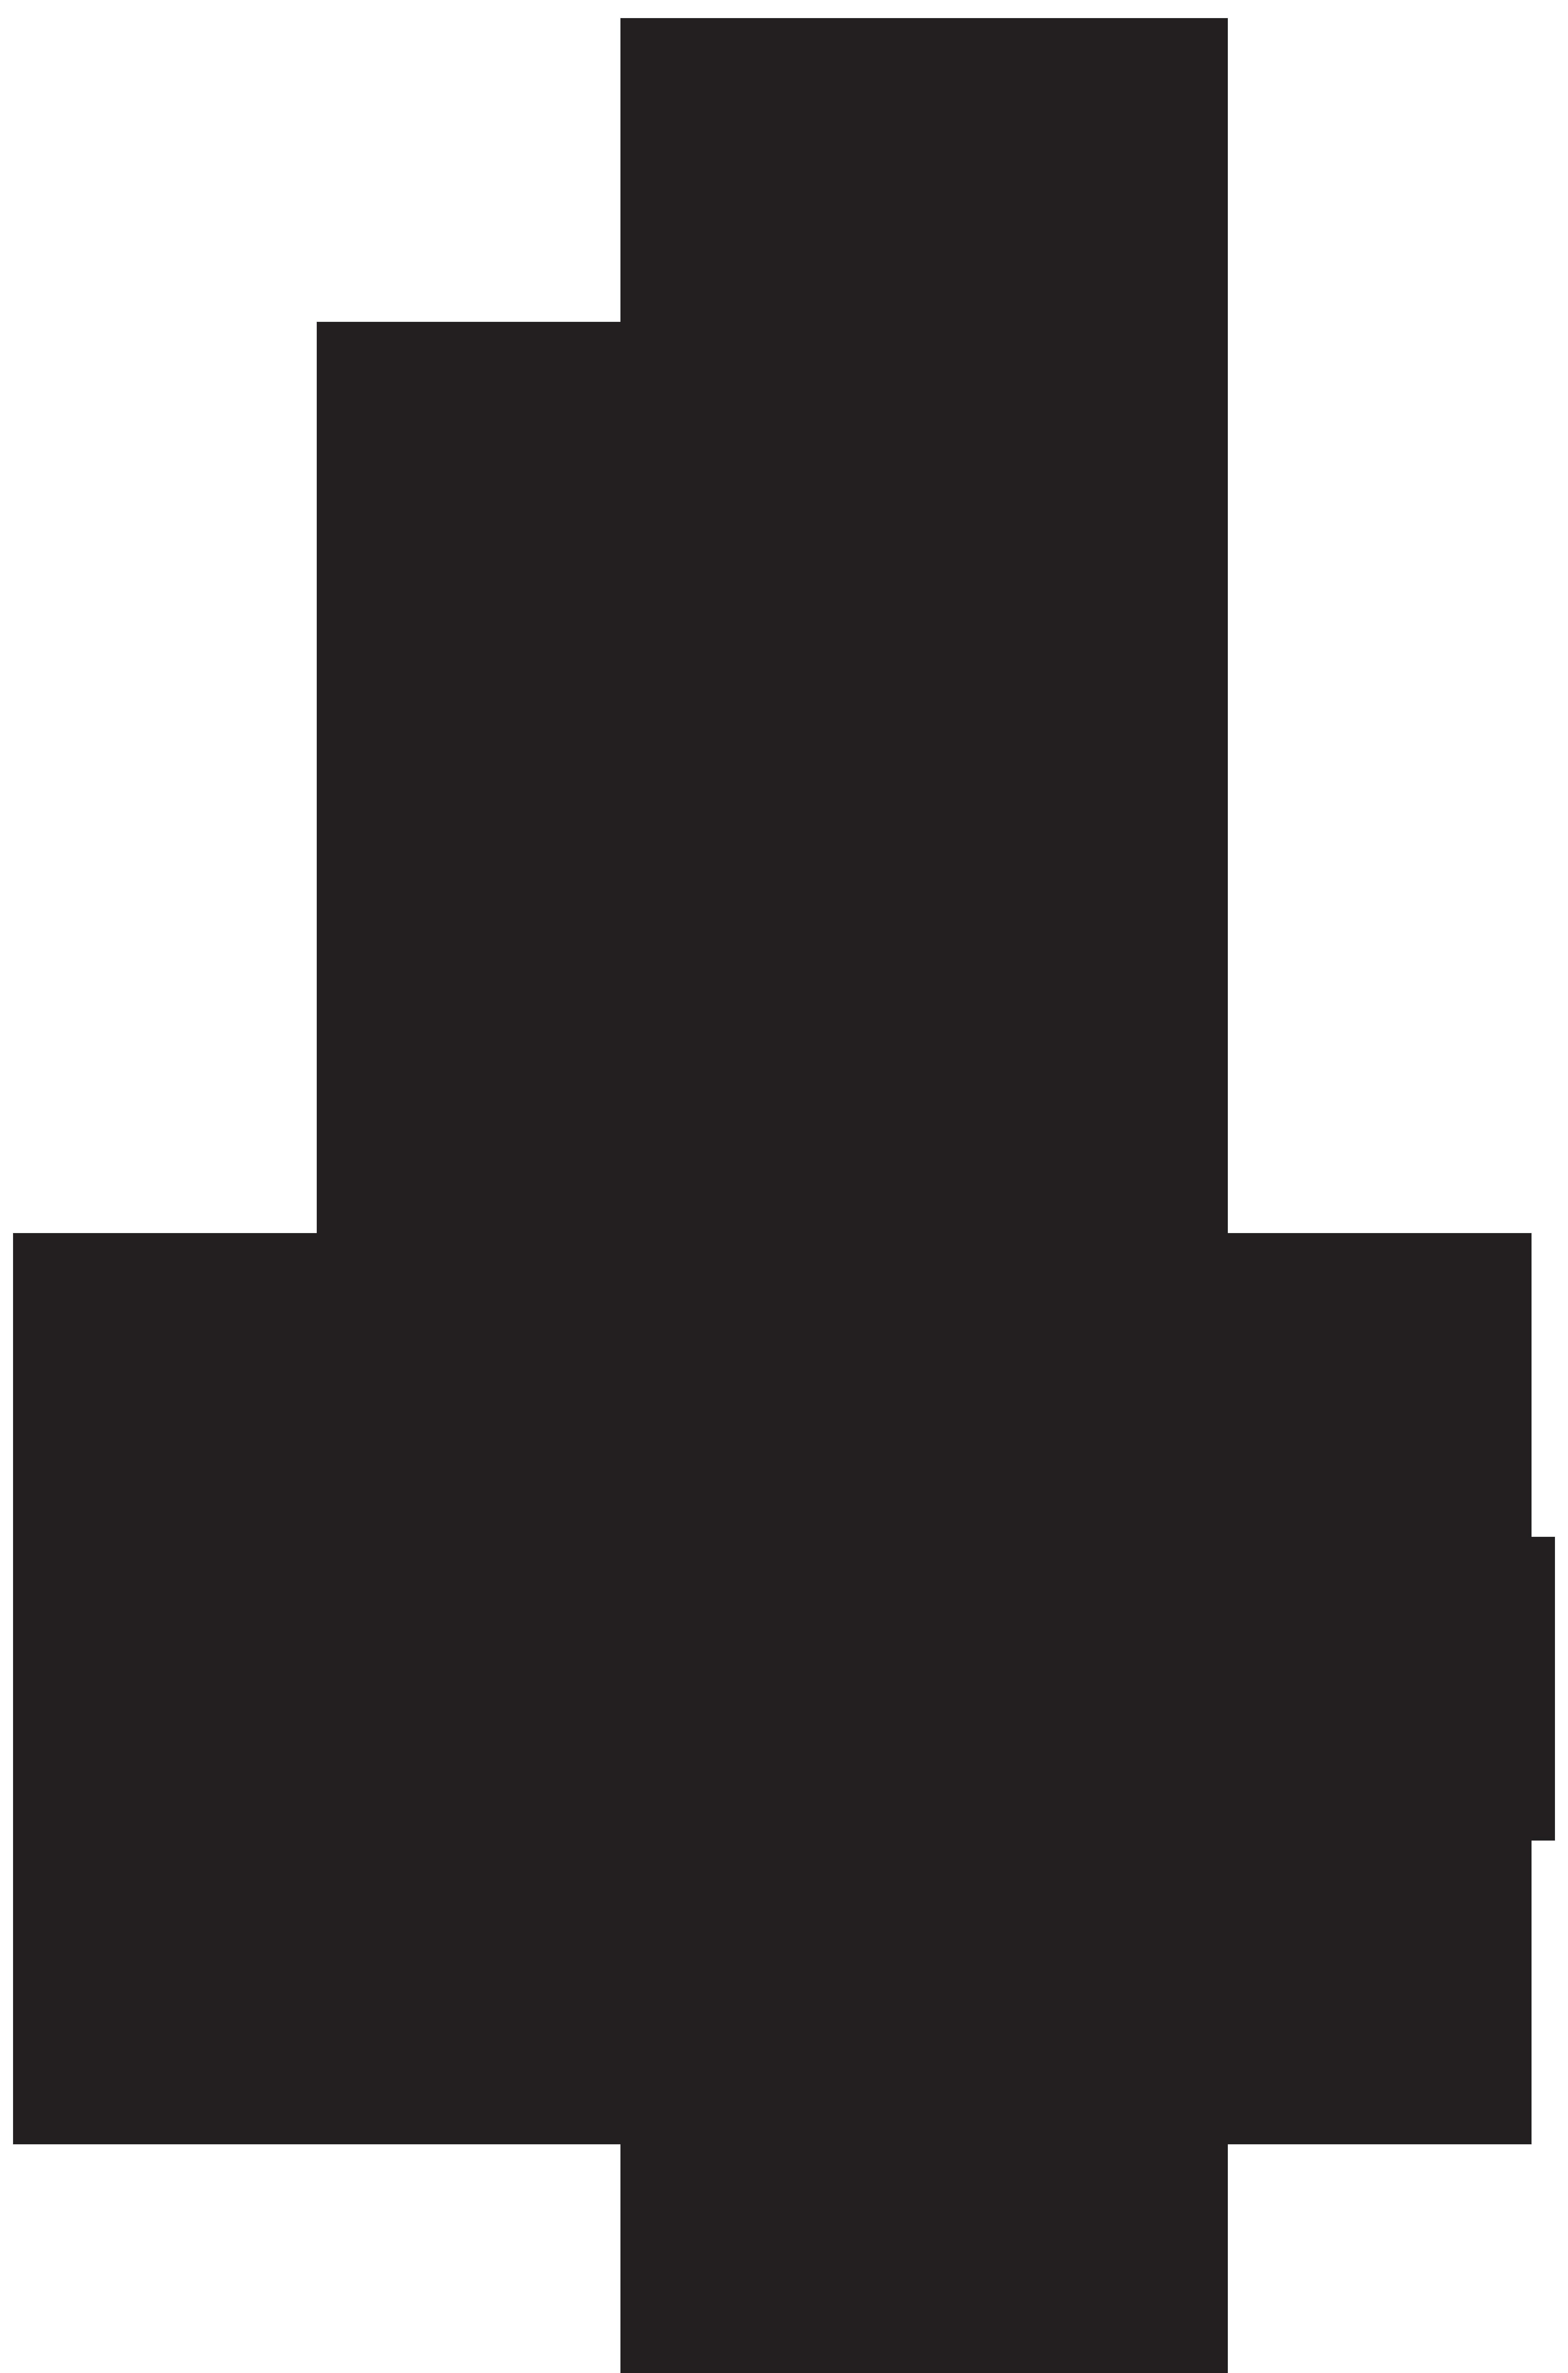 Black pine Tree Pinus contorta.